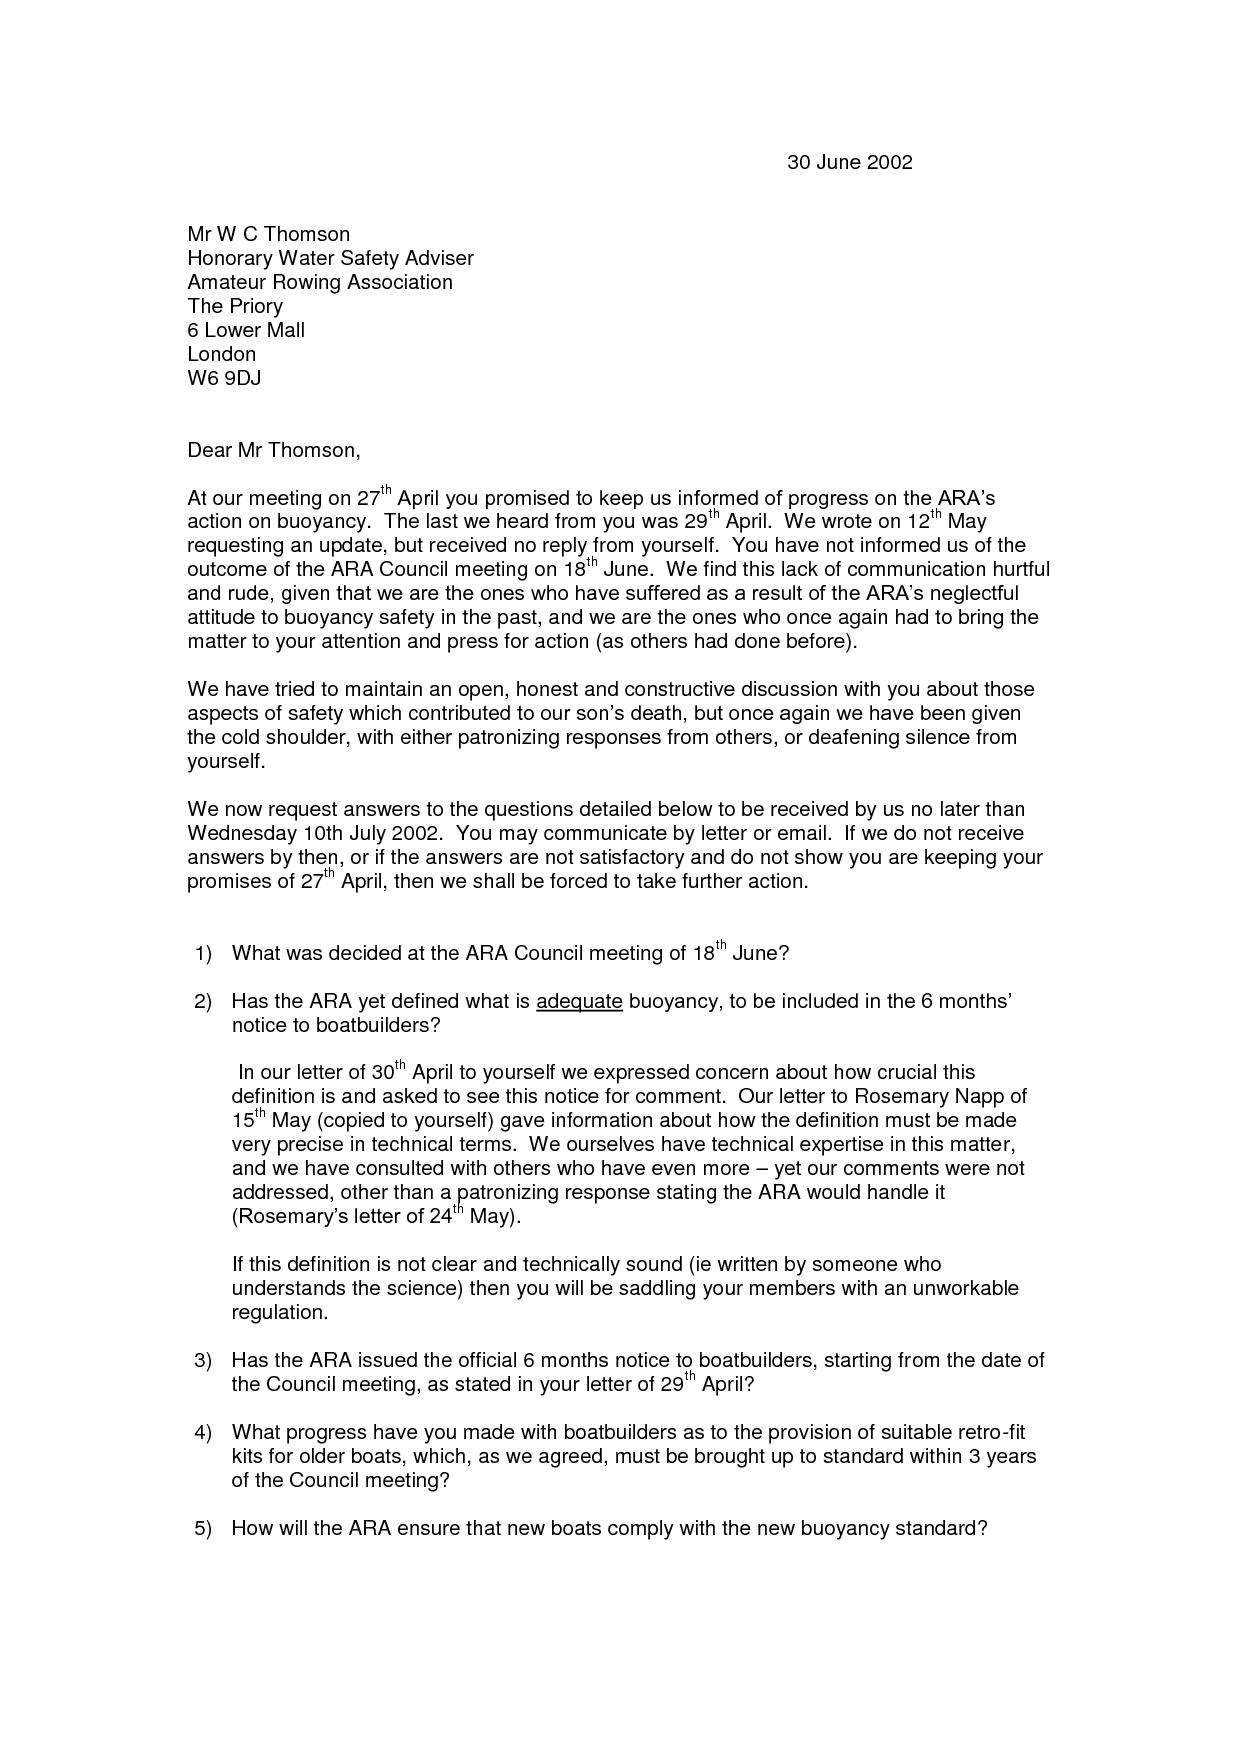 memorandum of understanding sample canada memorandum of understanding sample template letter of intent buyer sets up